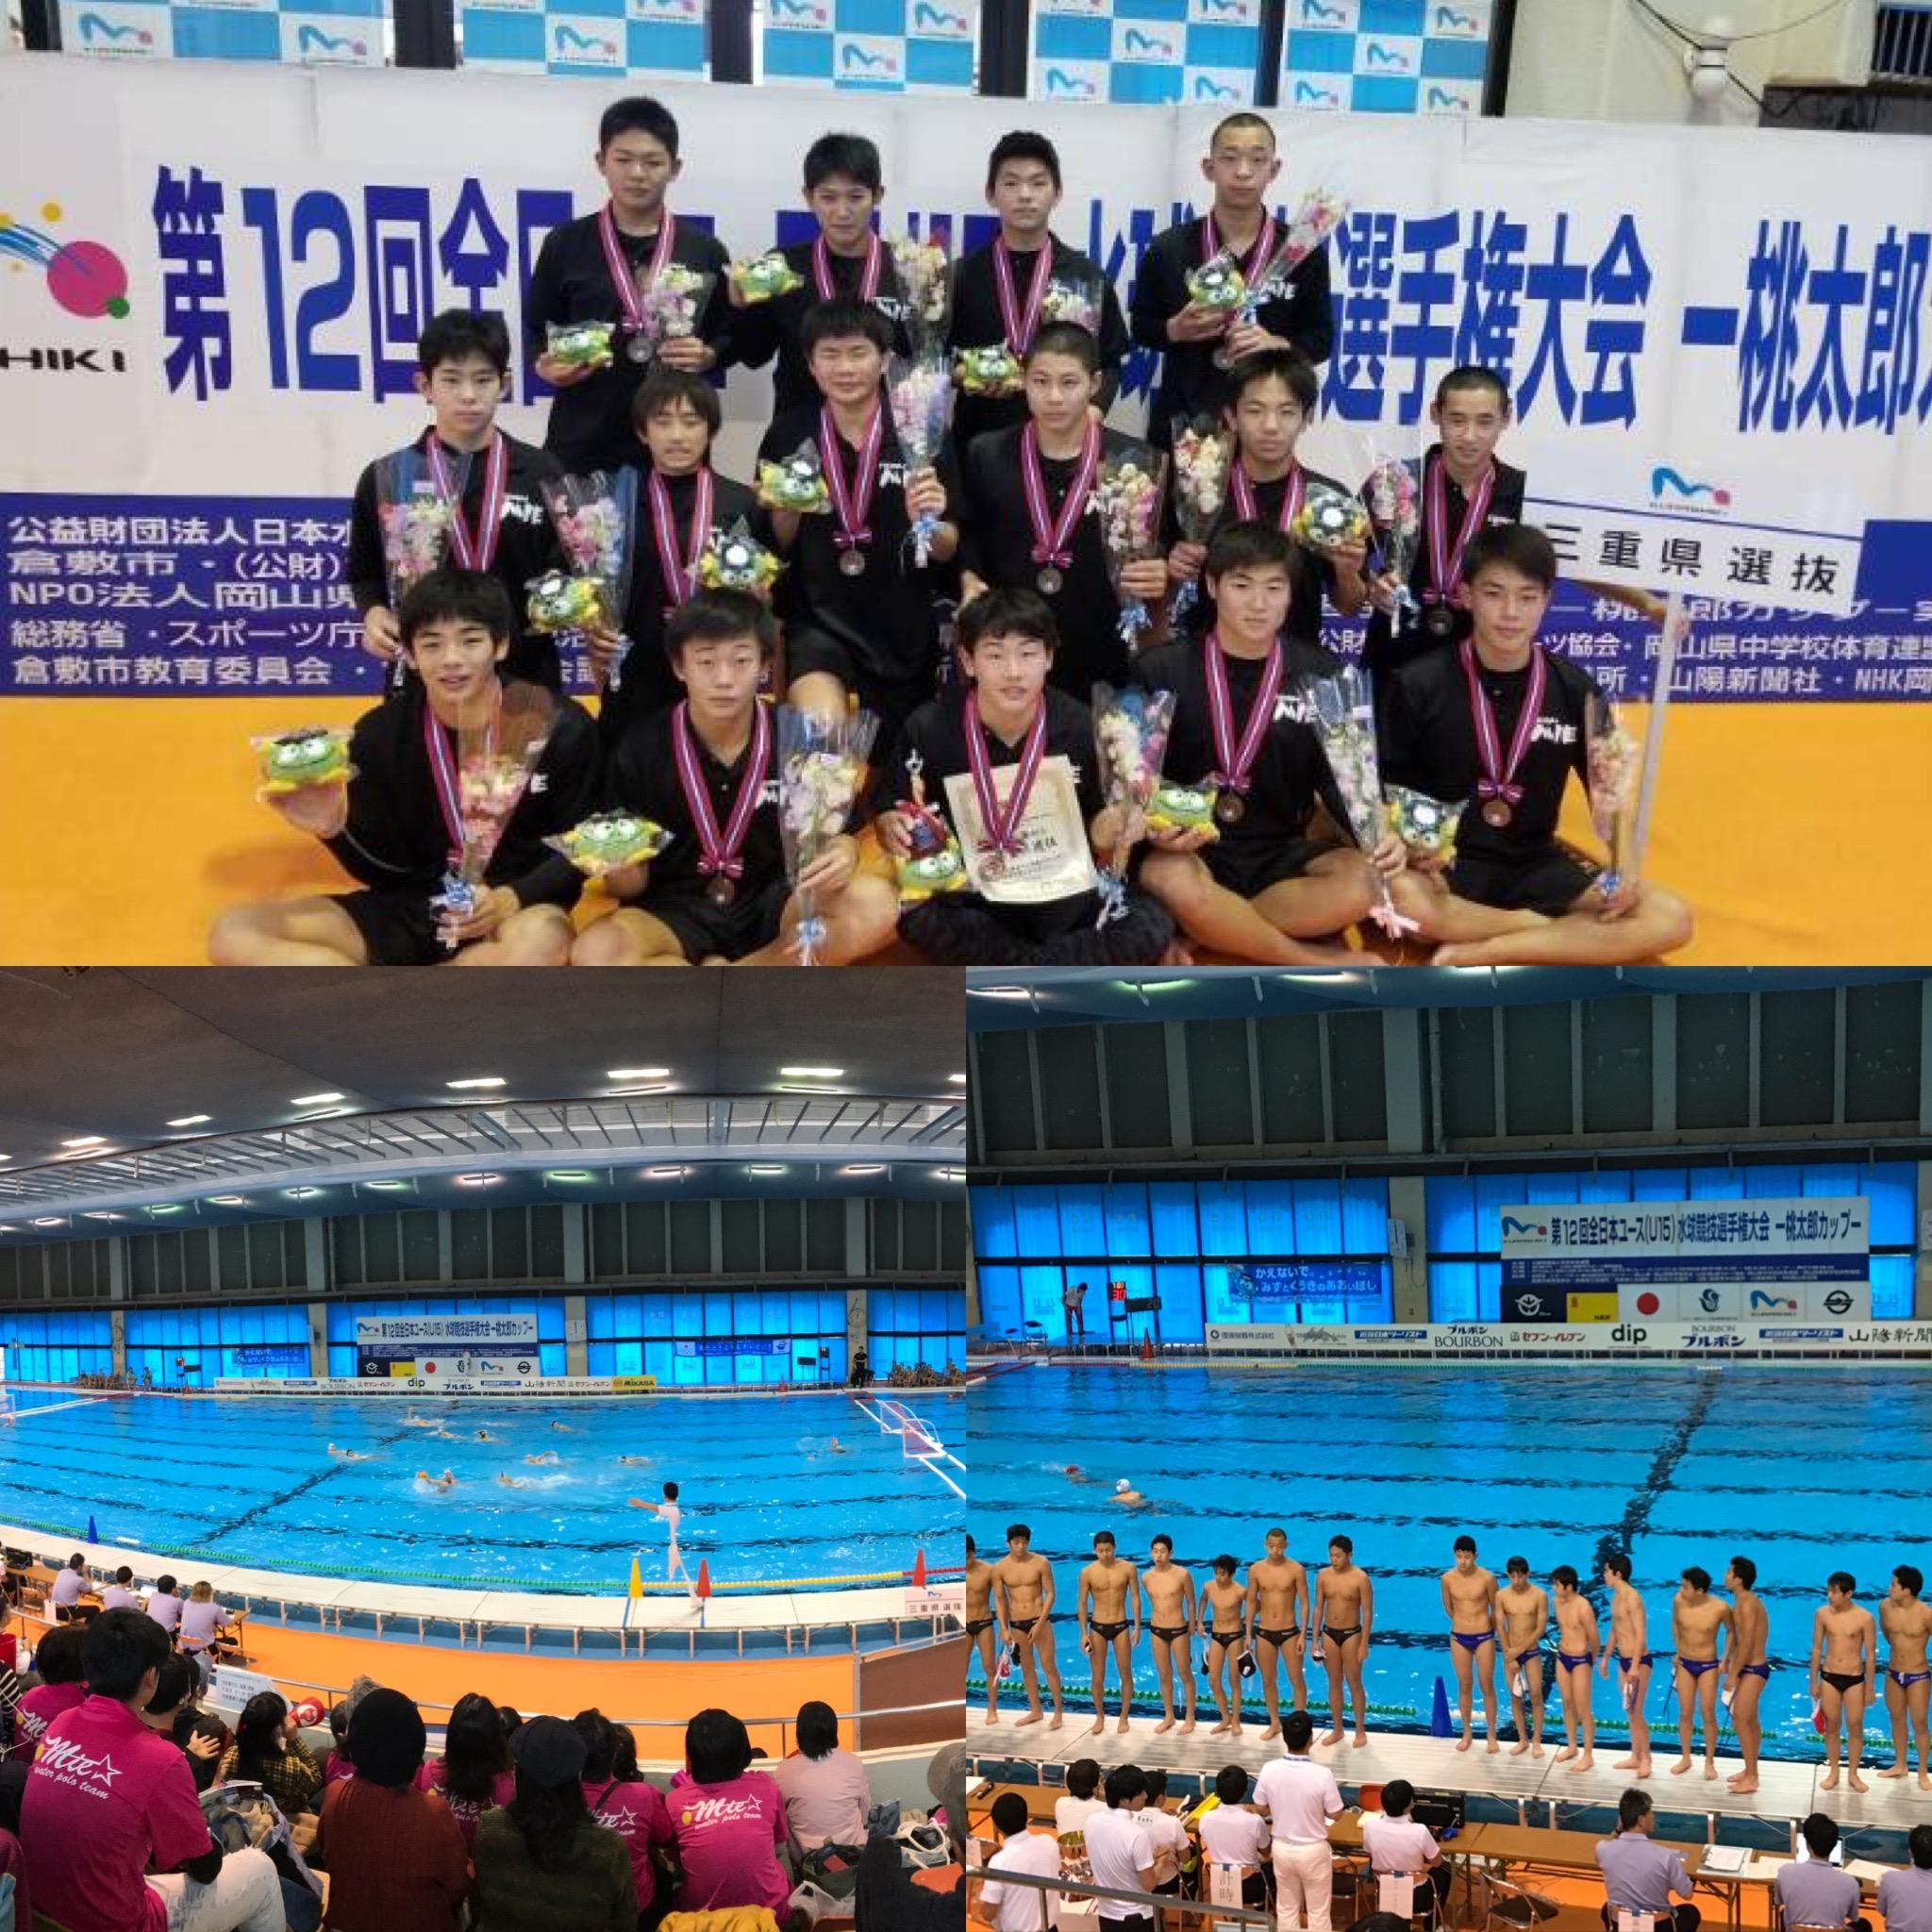 U-15水球三重県代表 全国3位!